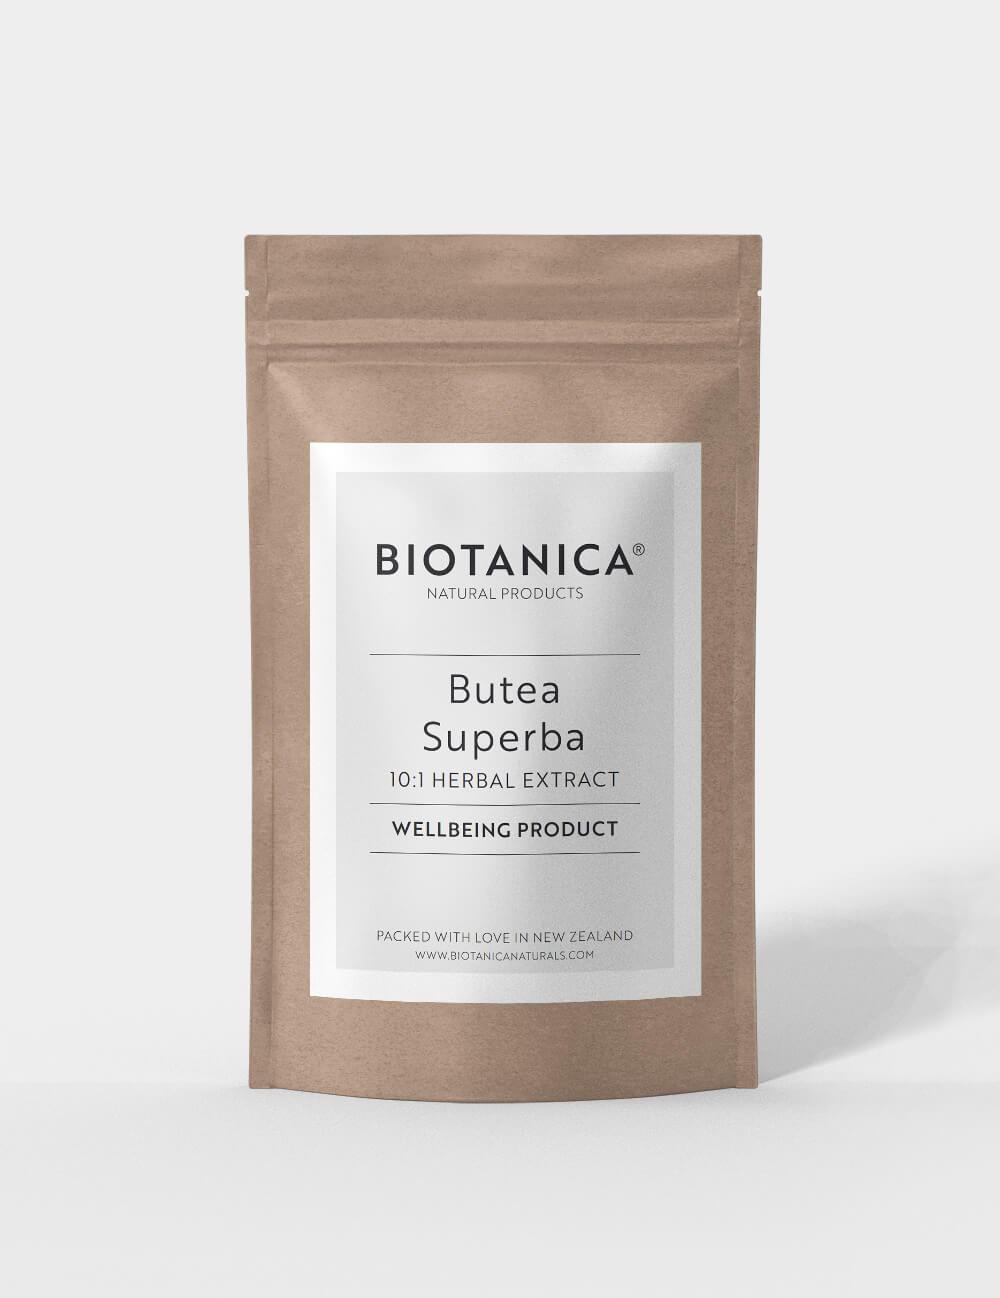 Butea Superba Image 1